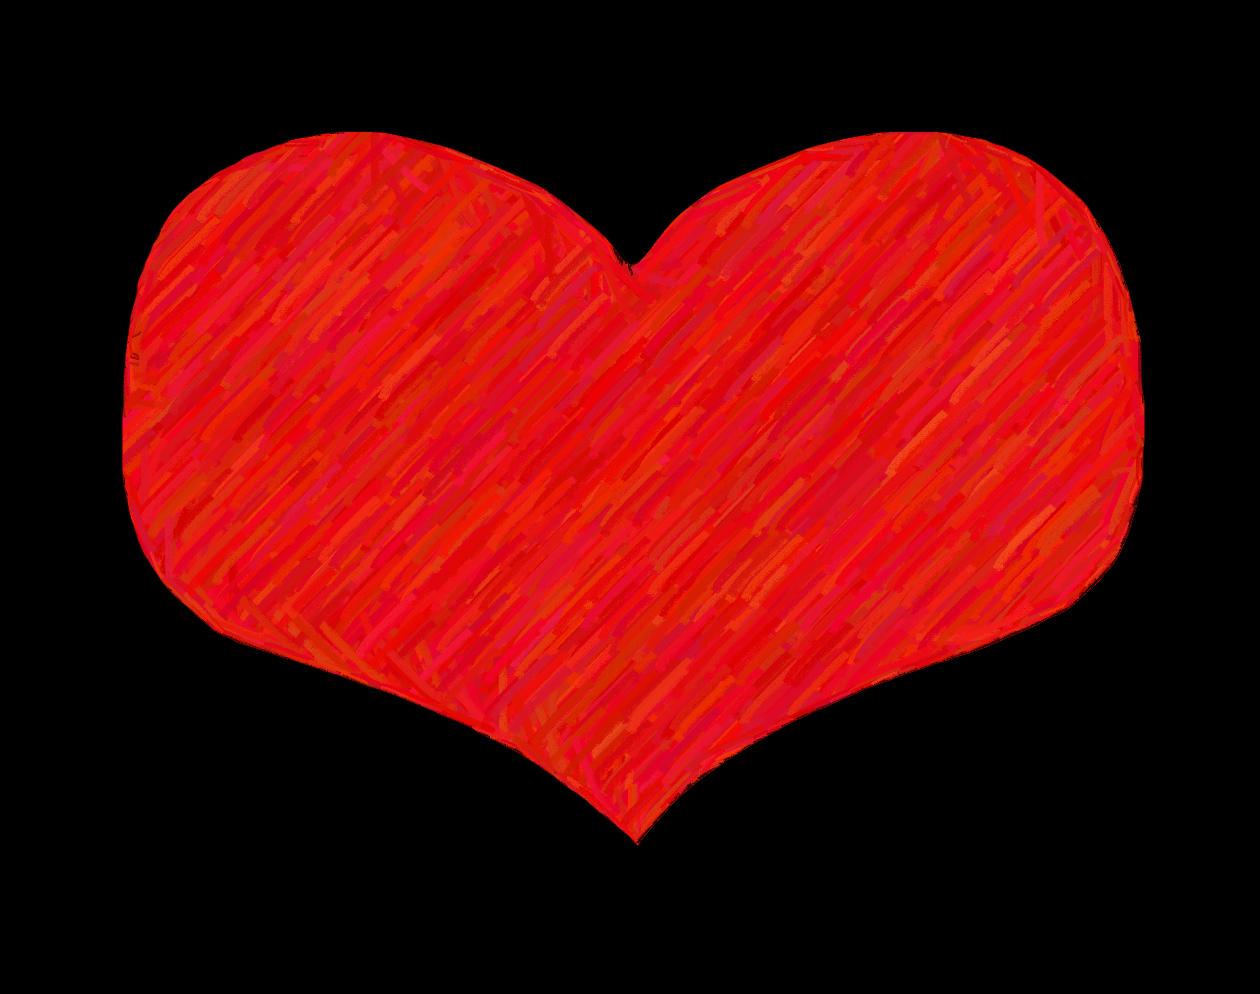 Clip Art Clipart Of Hearts clip art of hearts clipart best heart clipartix